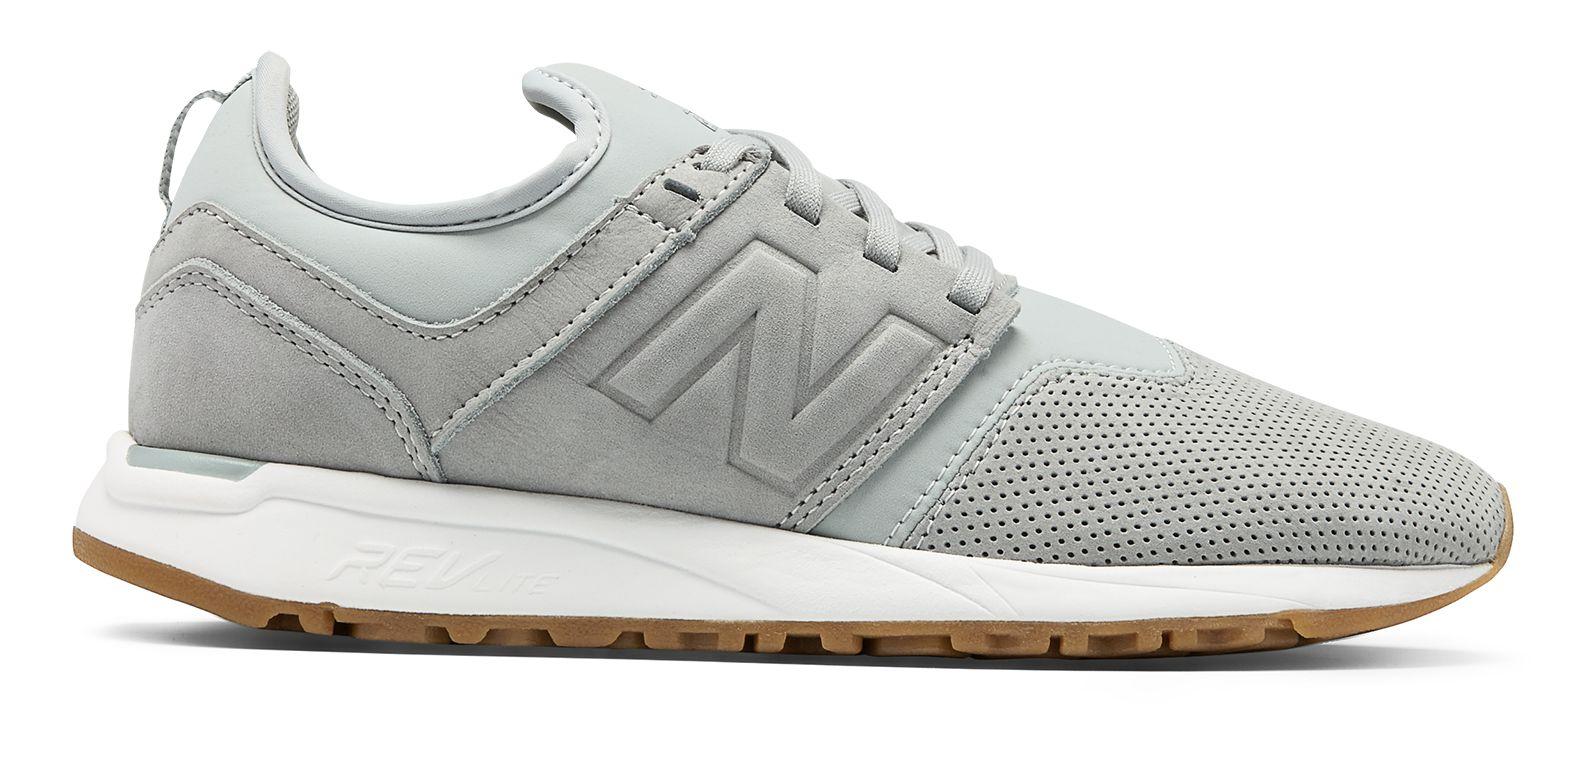 574 Core Été Plus - Chaussures - Bas-tops Et Chaussures De Sport New Balance